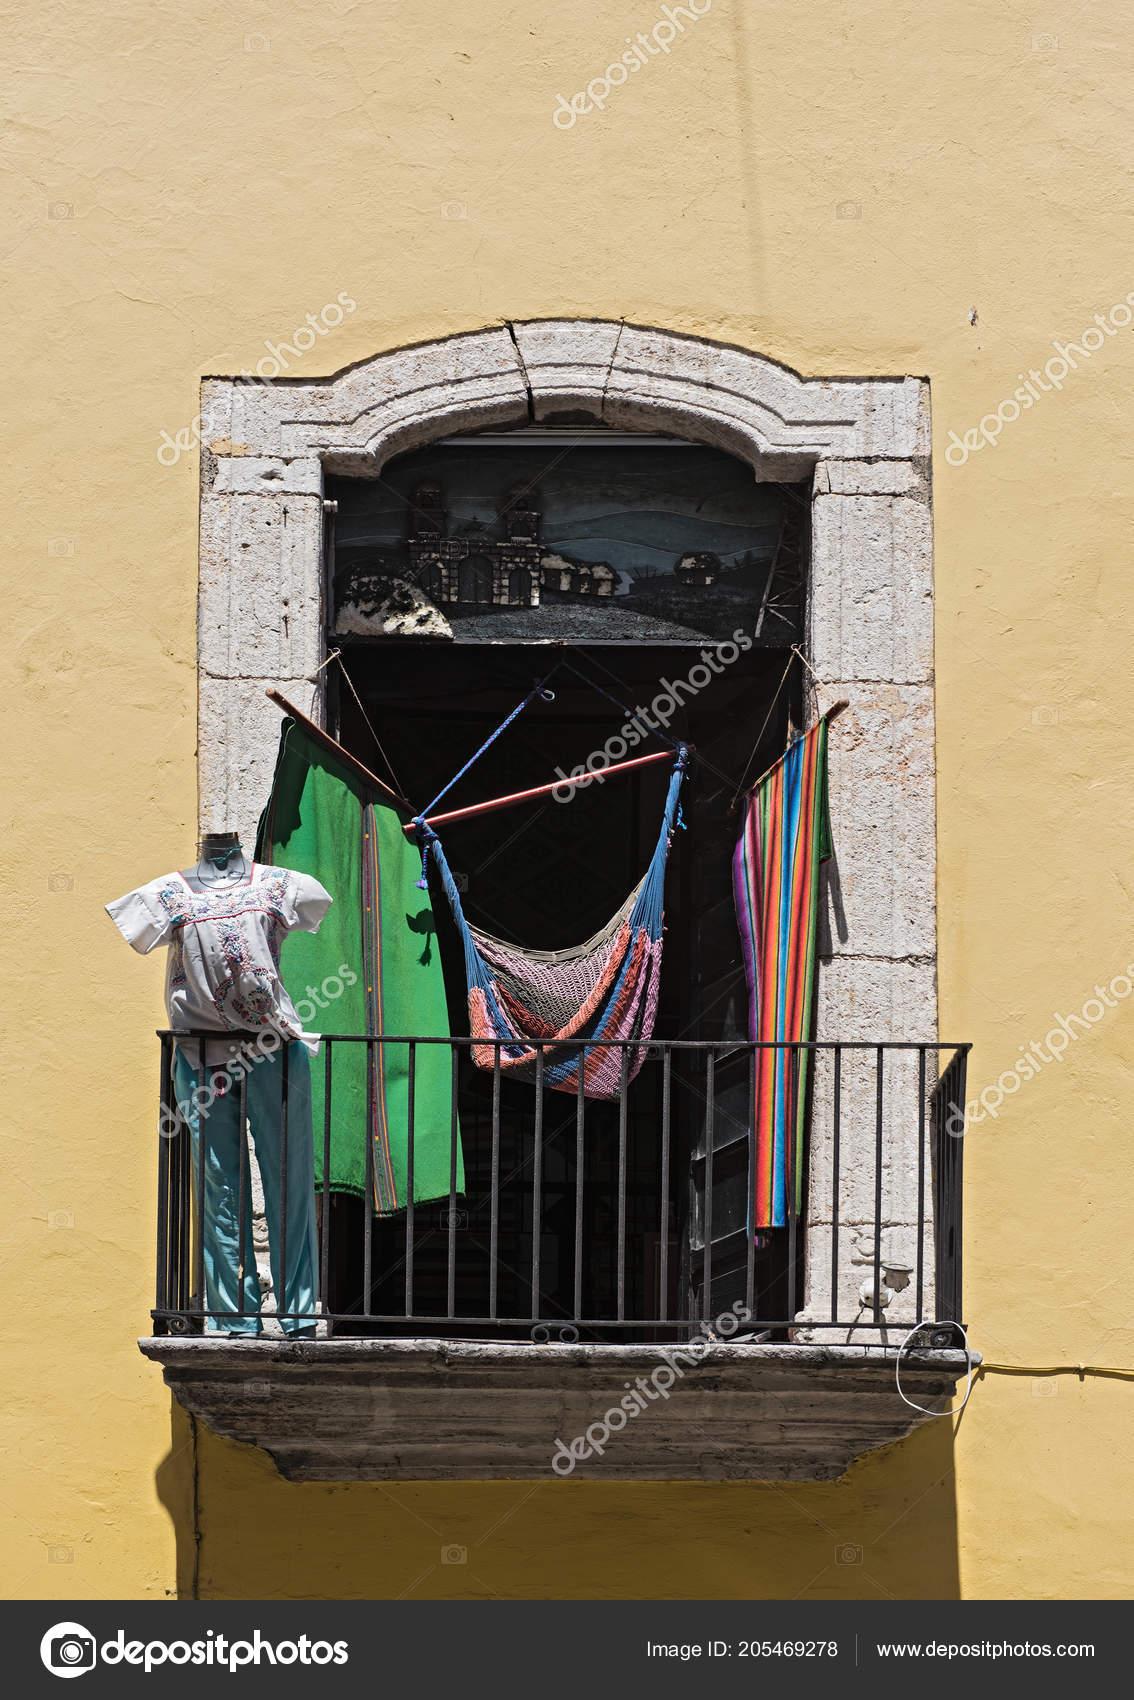 Hangmat Uit Mexico.Balkon Met Hangmatten Kleding Merida Yucatan Mexico Redactionele